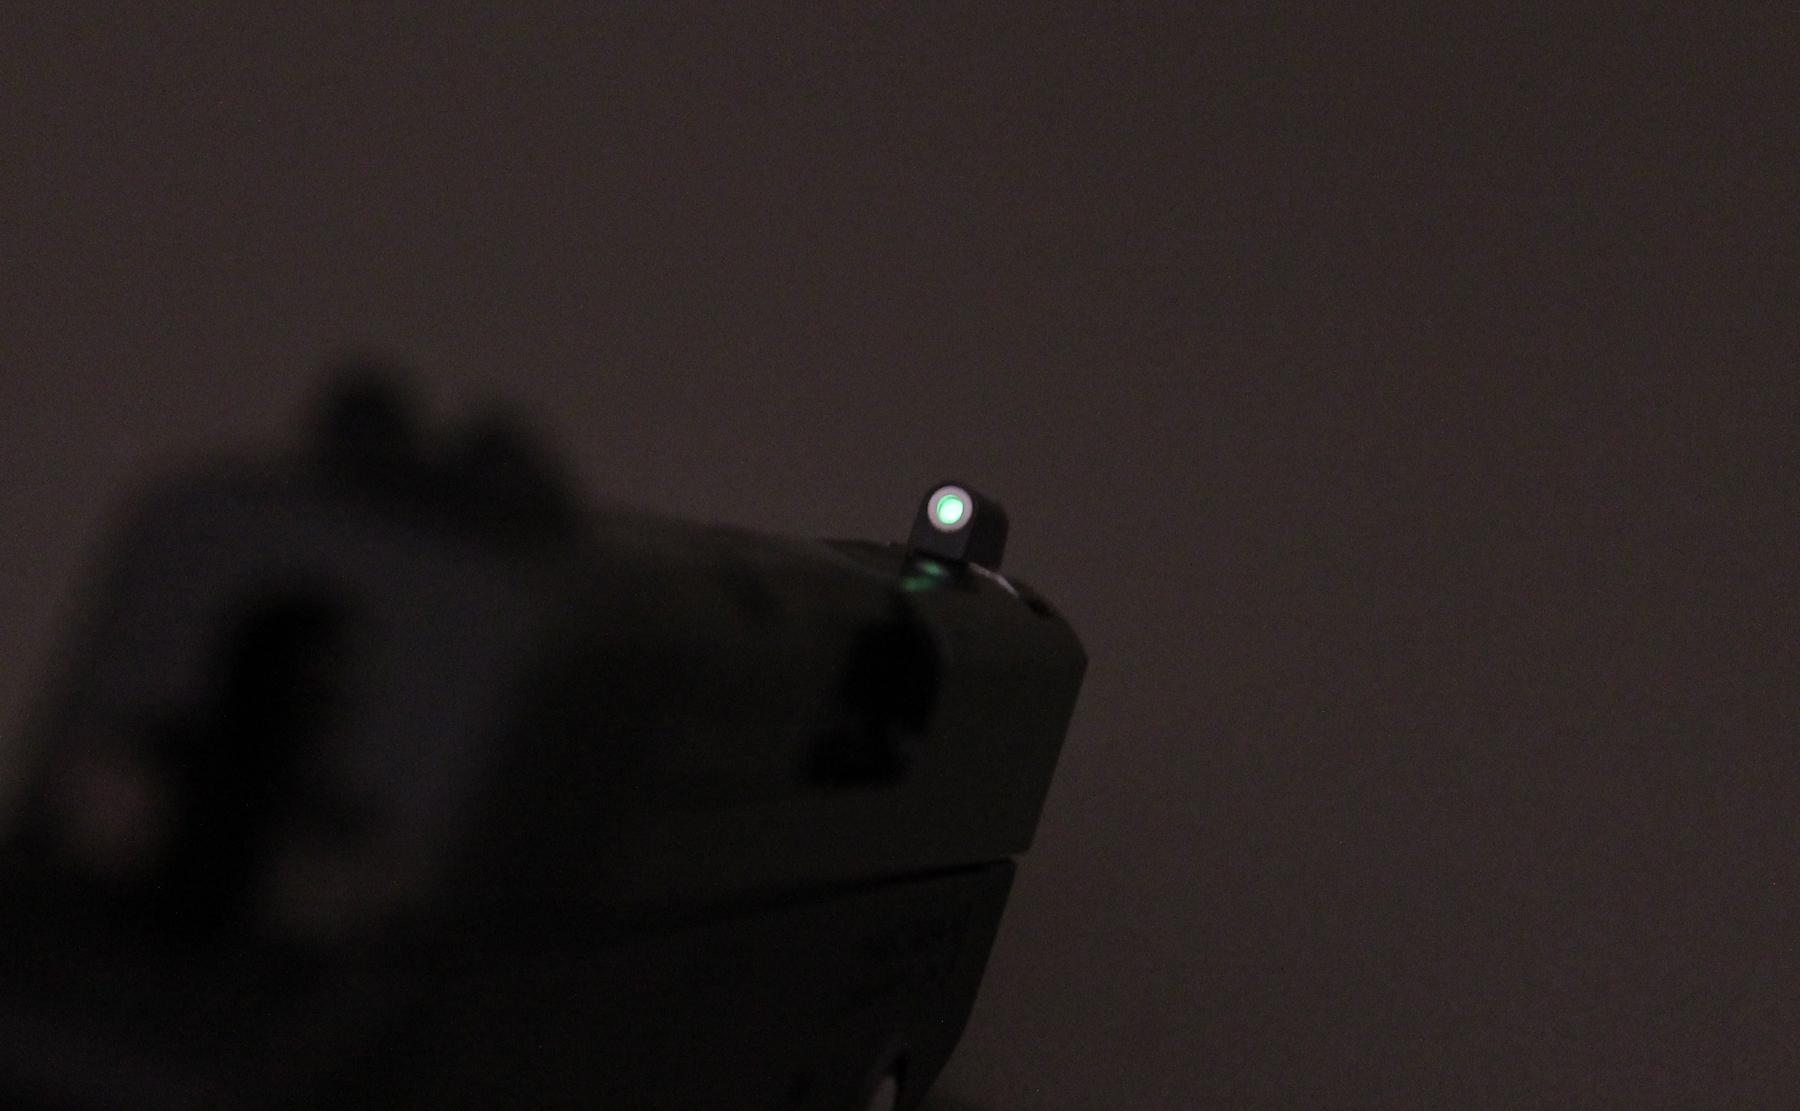 XS Sight darkness